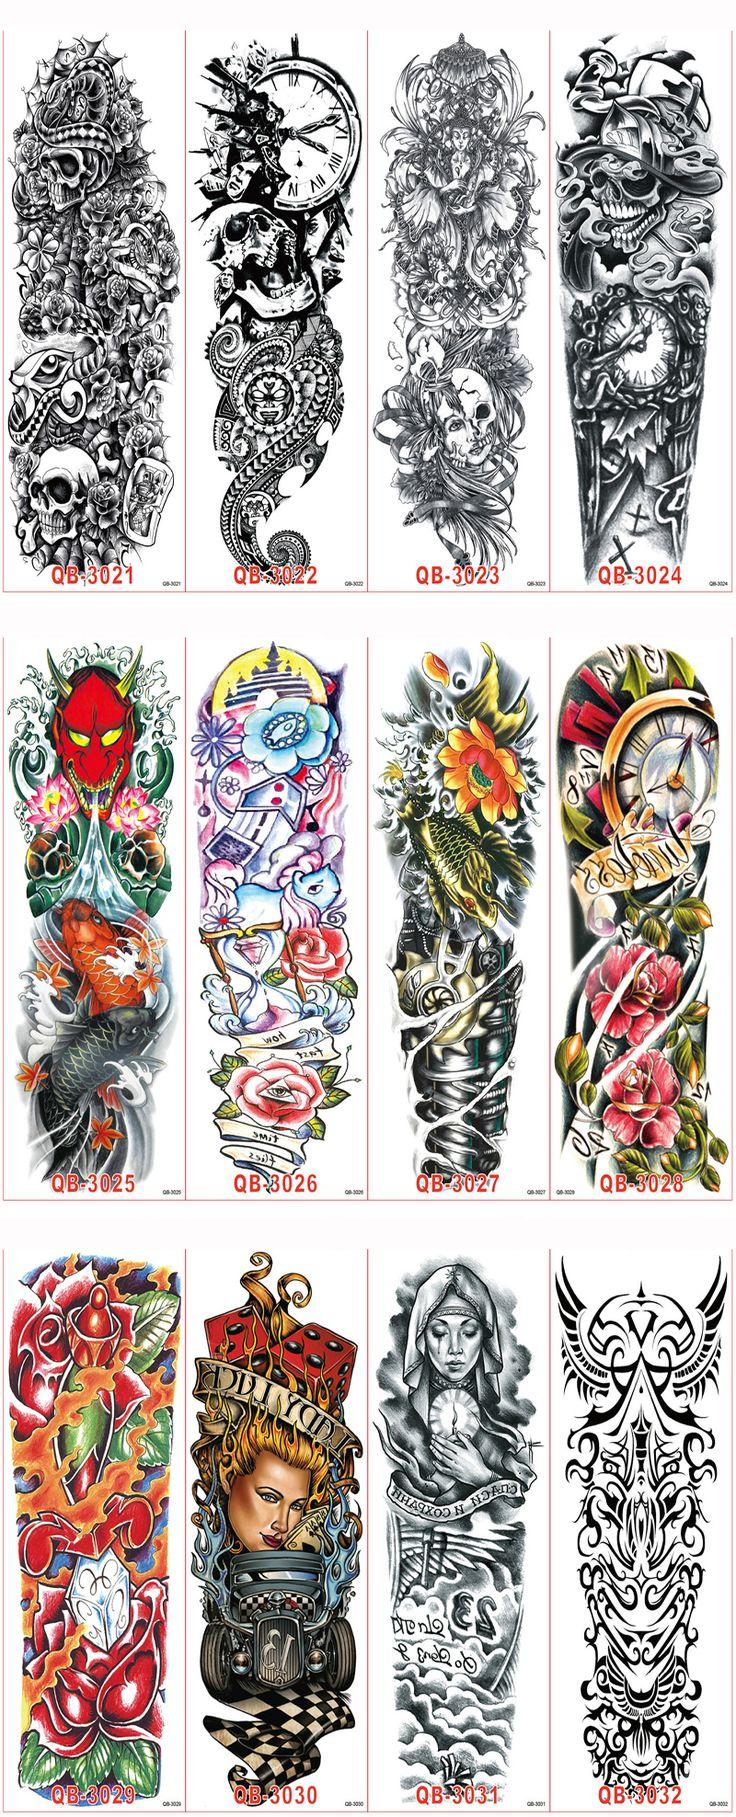 5 Unids Pierna Completa Del Brazo Falso Papel Pasta de Tatuajes Temporales A Prueba de agua Pegatinas Tatuaje Hombres Mujeres Manga Del Tatuaje Arte Corporal Tatuagem